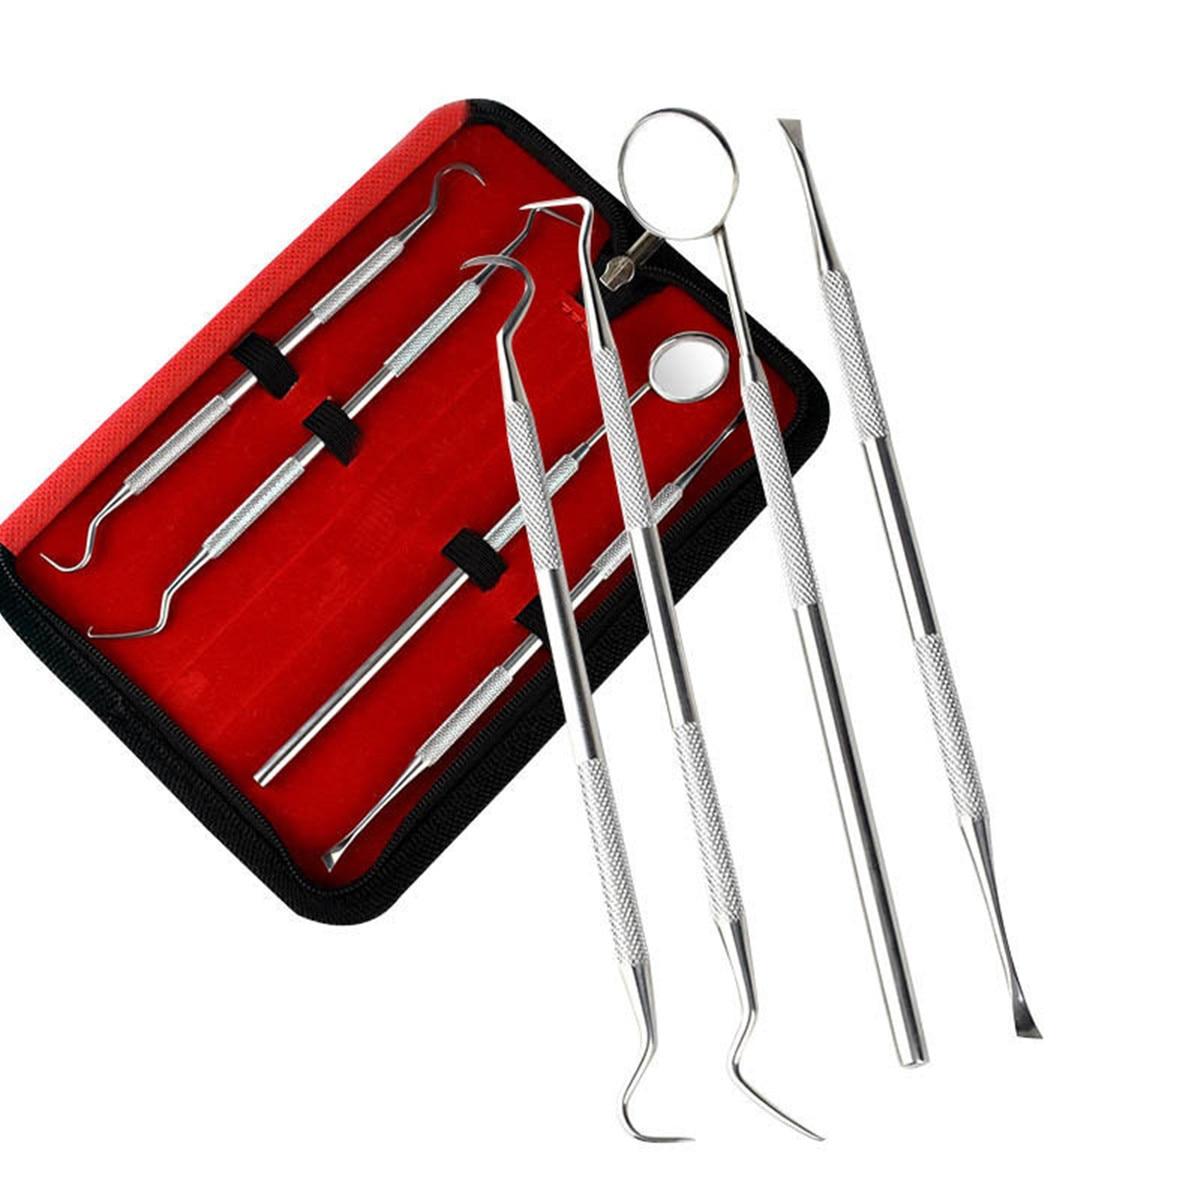 4 Uds herramienta Dental profesional de acero inoxidable limpieza Dental explorador higiene sonda gancho Cuidado Oral Kits dientes blanco